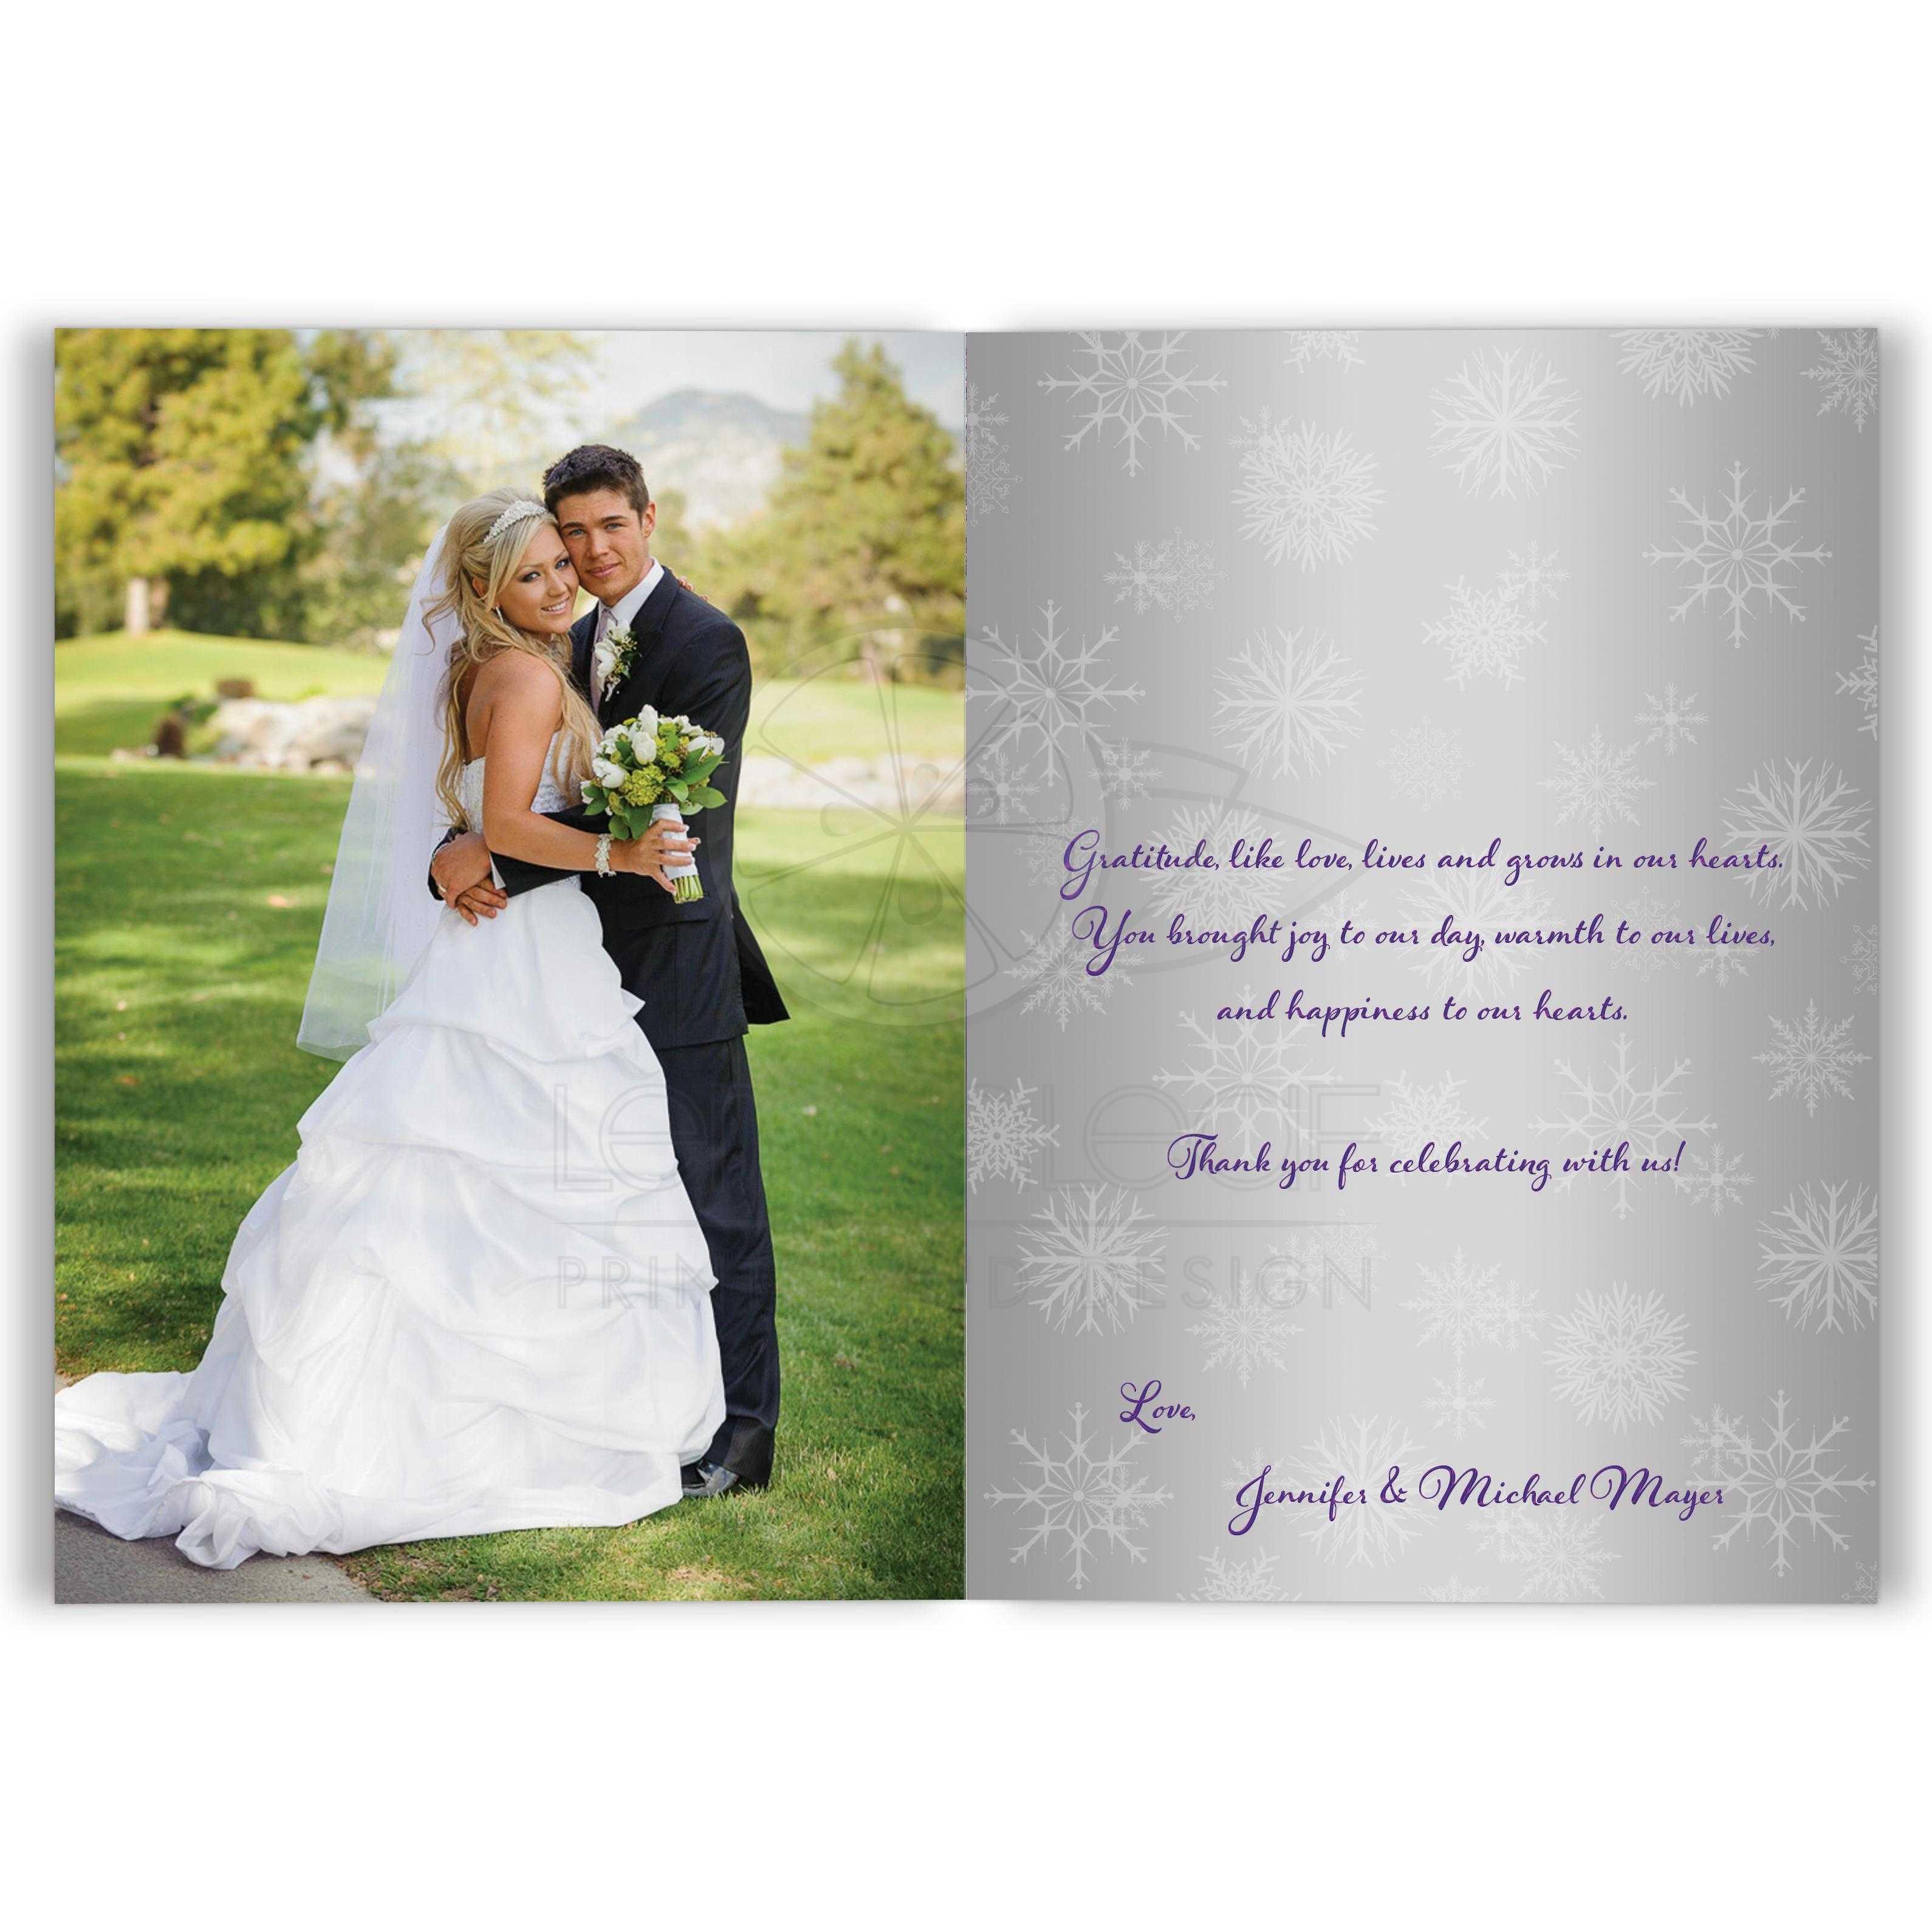 Wedding PHOTO Thank You Card – Wedding Thank You Cards